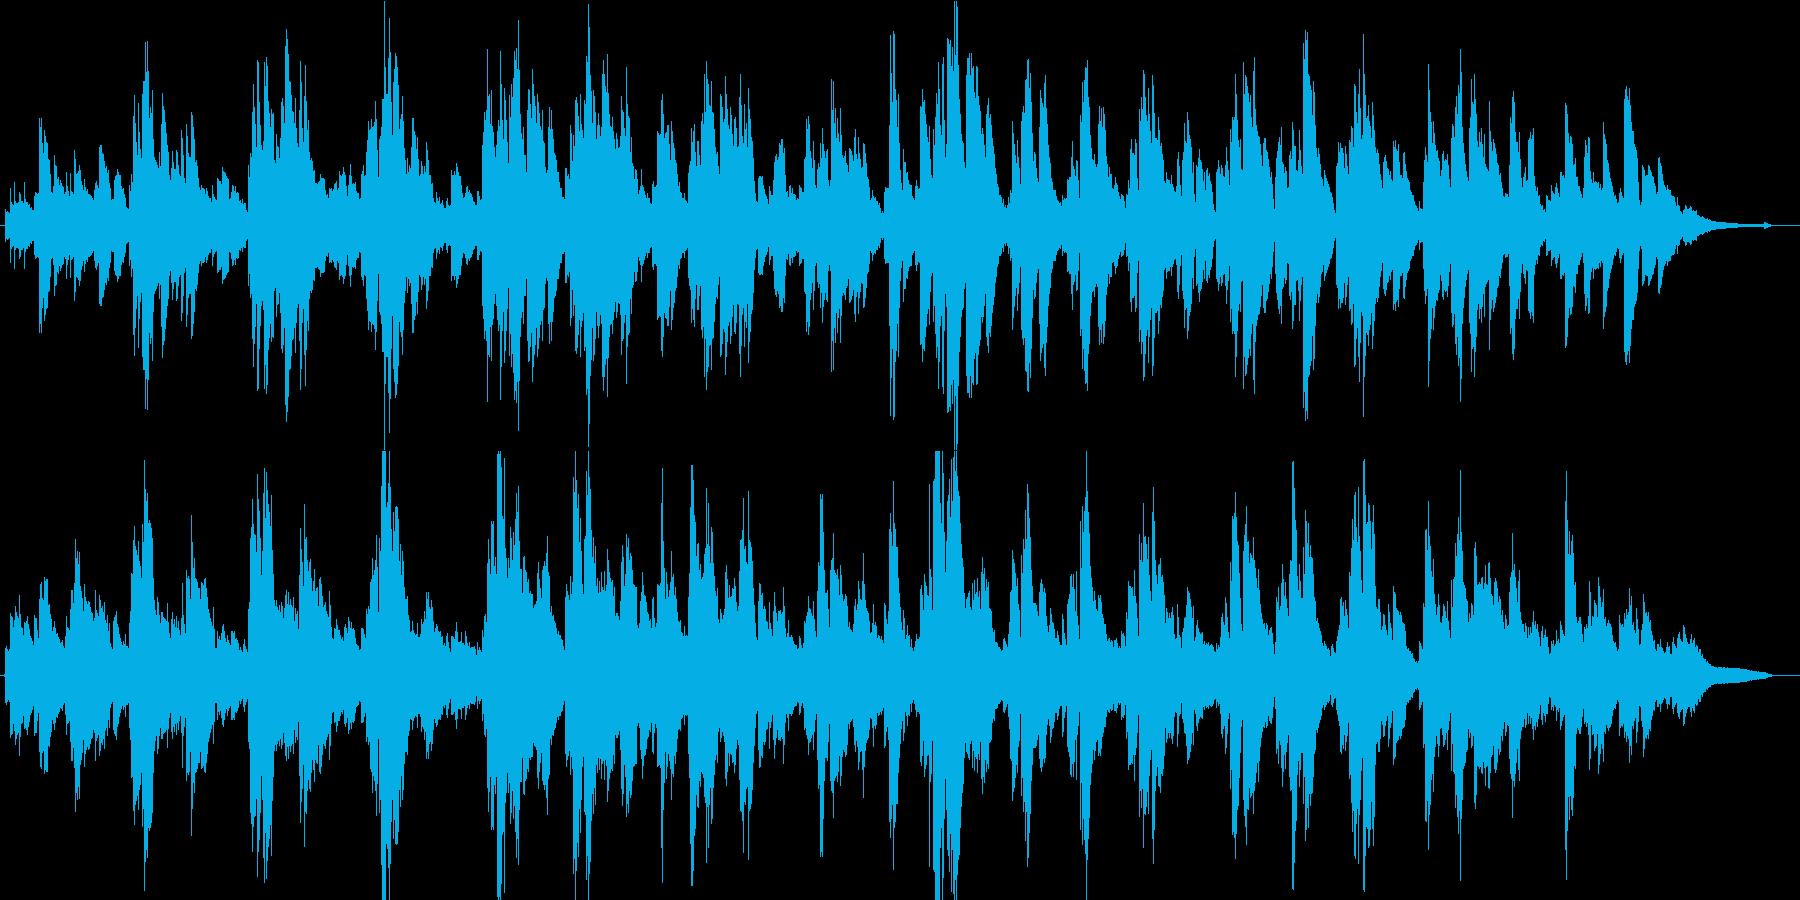 あたたかく優しい日常系ピアノソロ・ワルツの再生済みの波形